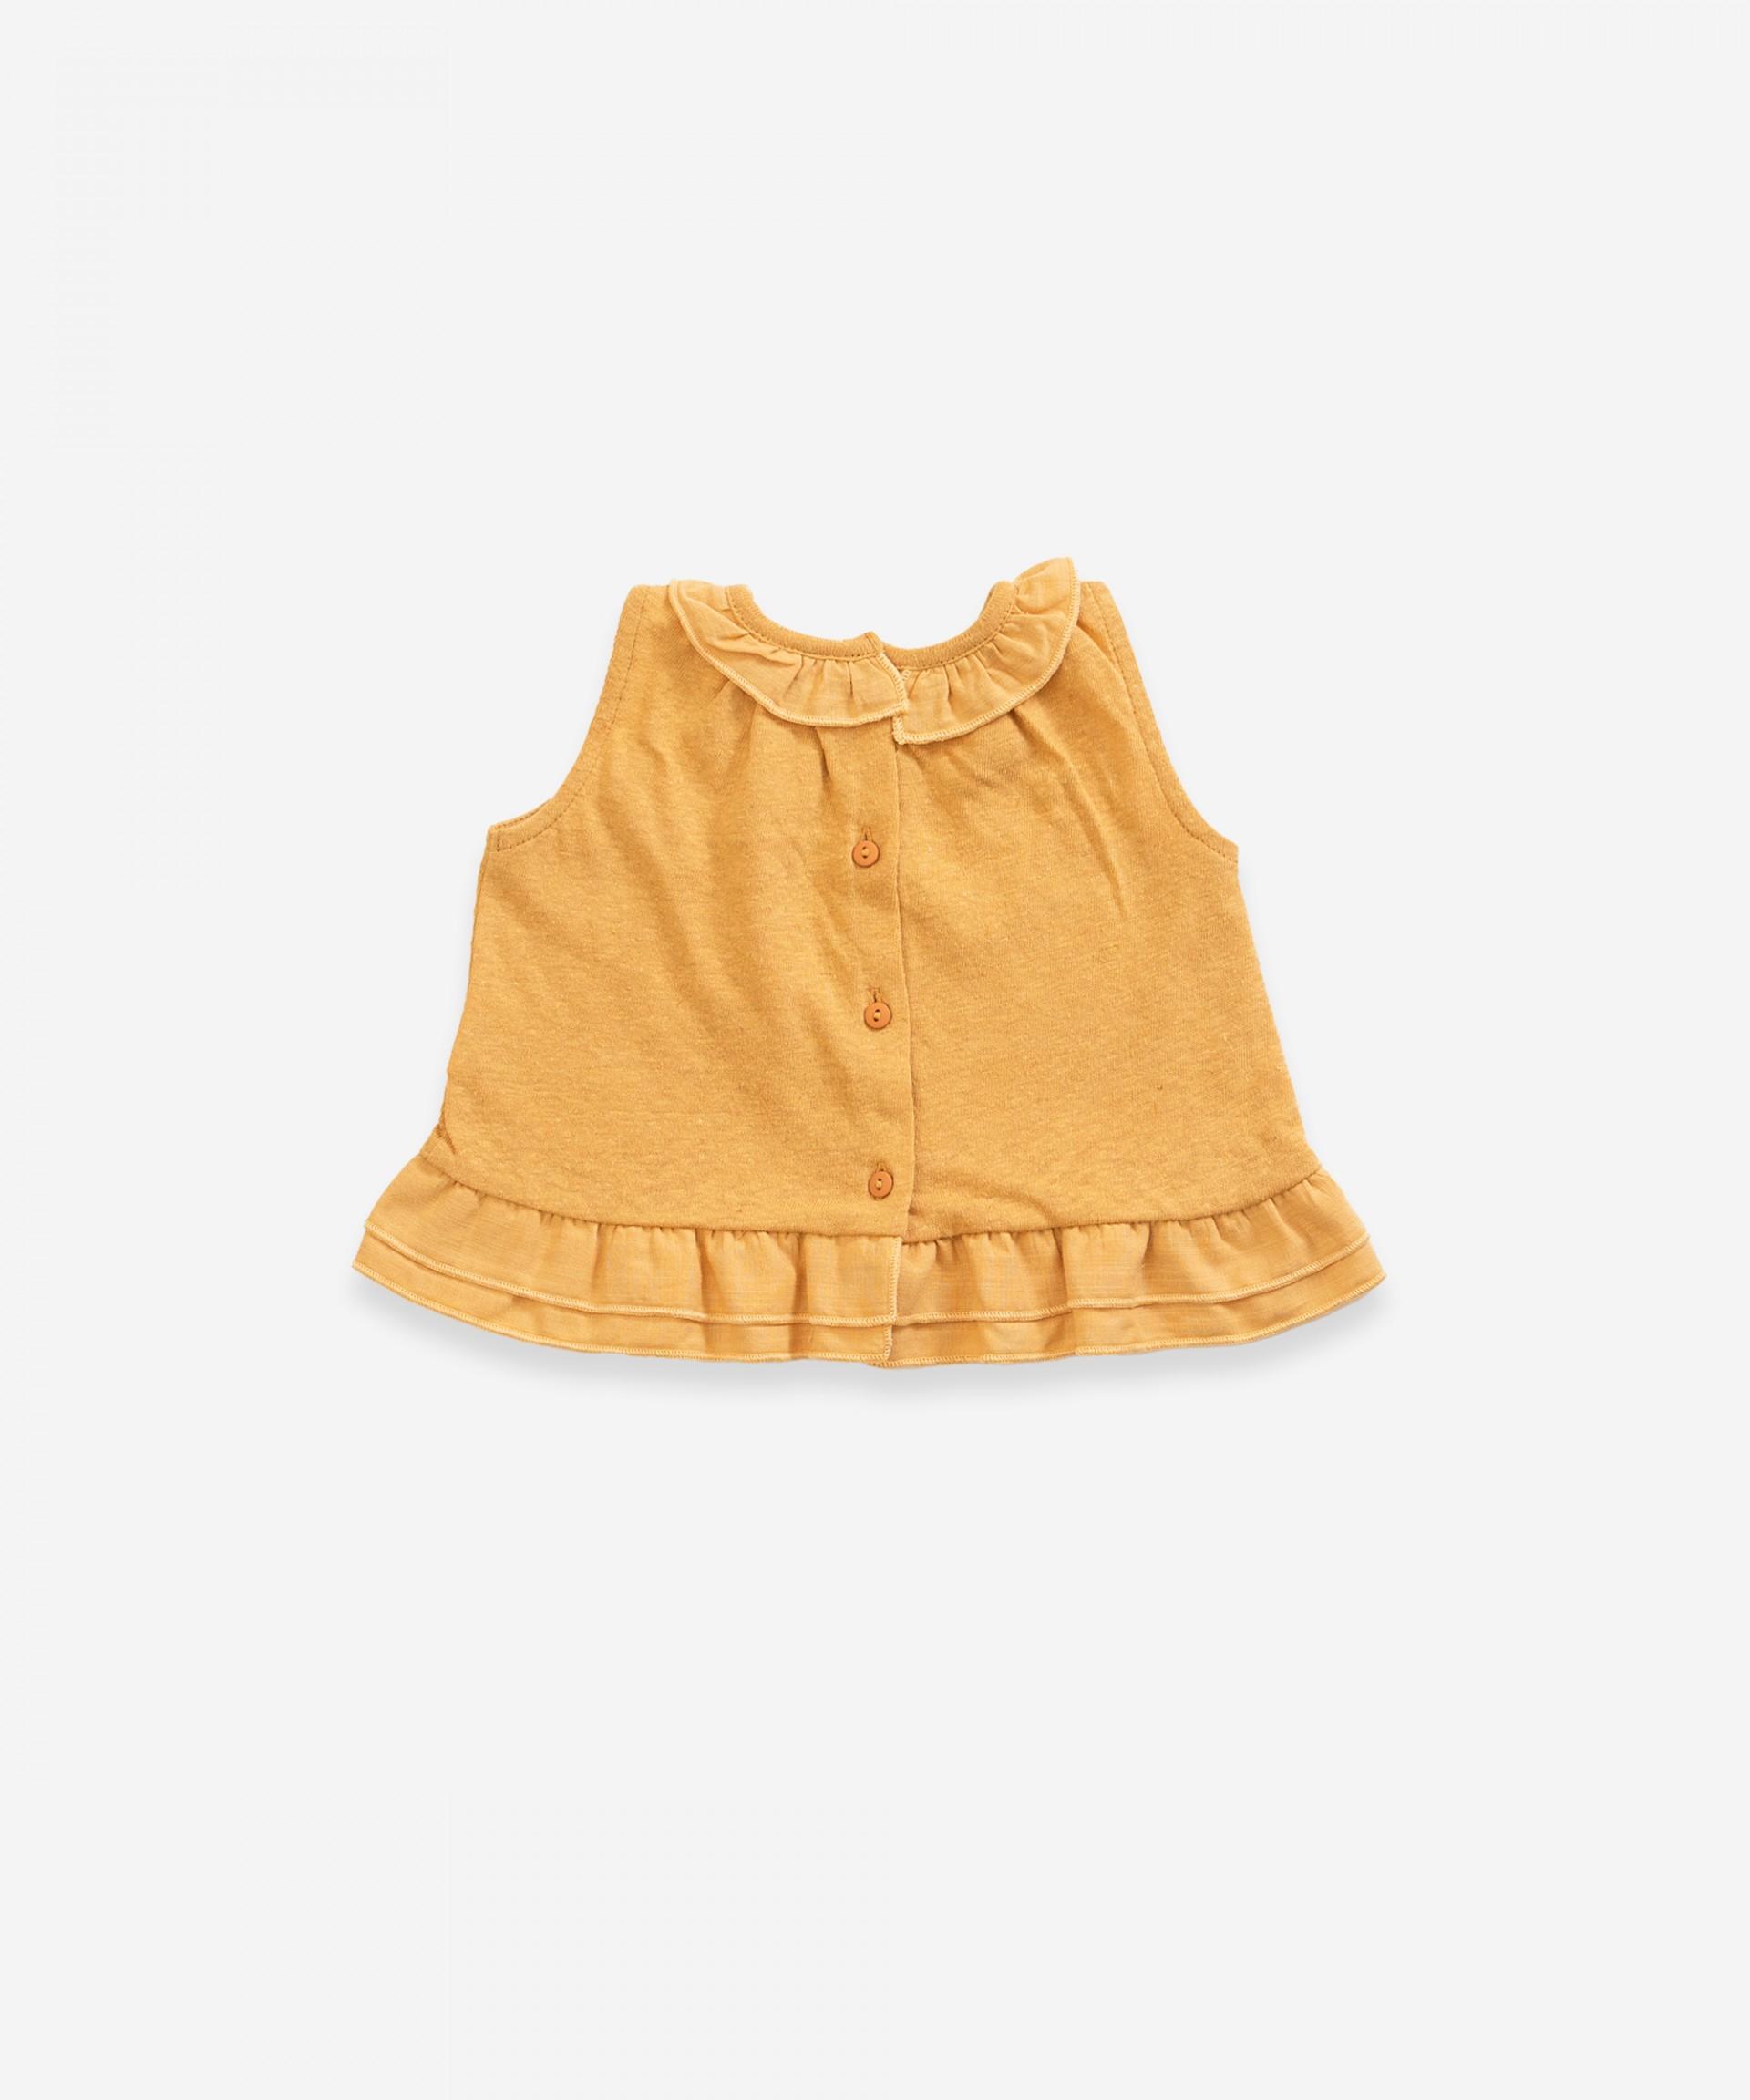 Blusa sin mangas de algodón orgánico y lino | Weaving